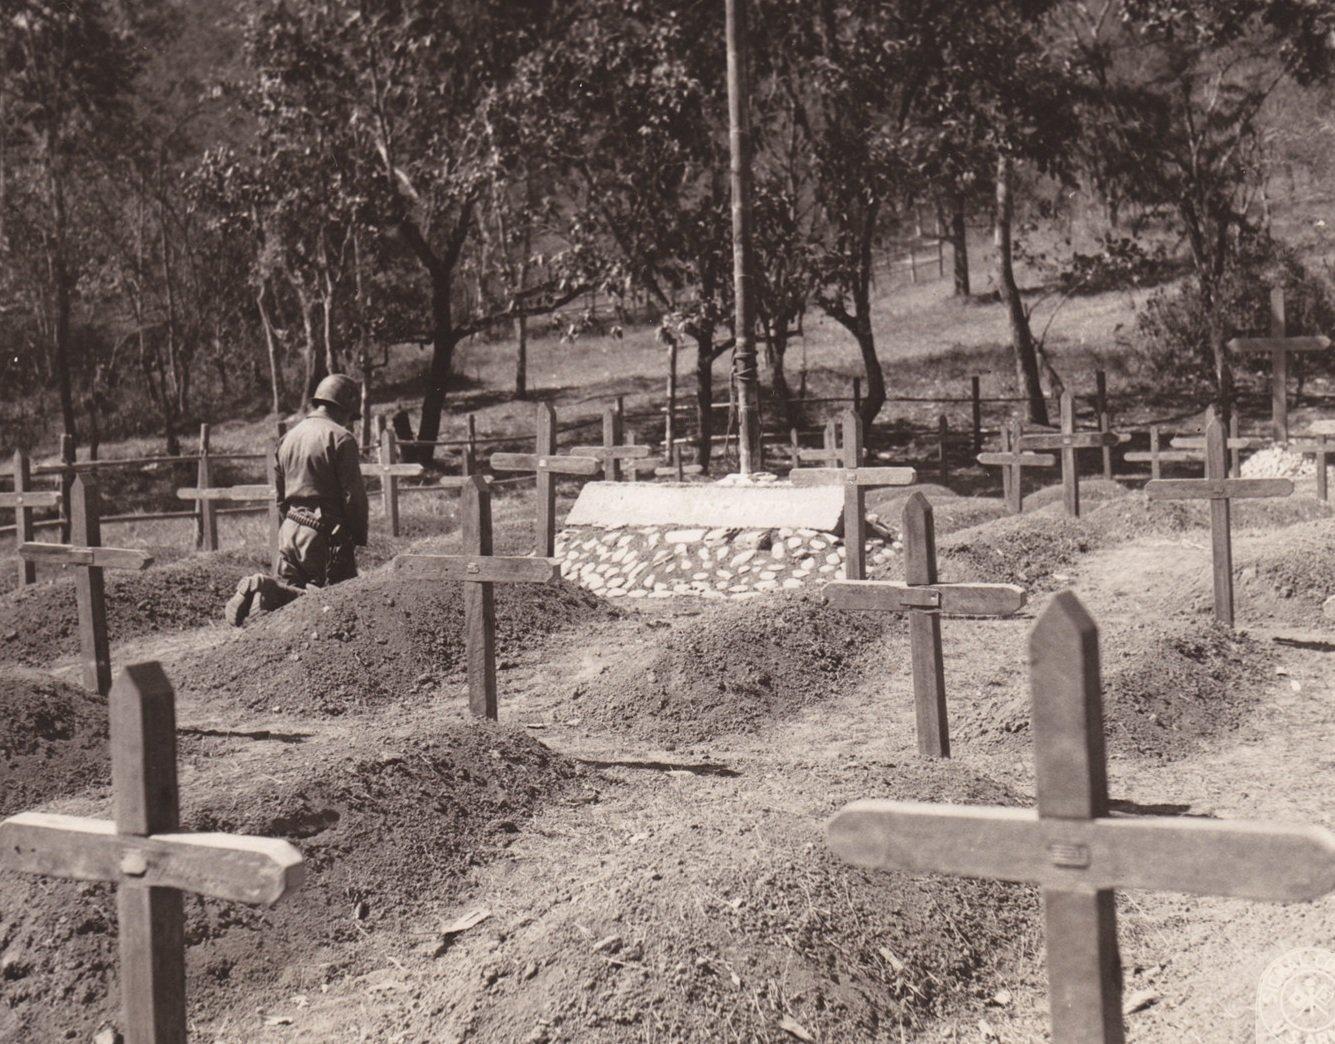 一位祈祷者跪立在牺牲了的战友的墓前默哀。这座公墓是为在争夺滇缅公路控制权的战斗中牺牲的美军士兵而建的。科尔盖特拍摄于缅甸罗素,1945年8月2日。